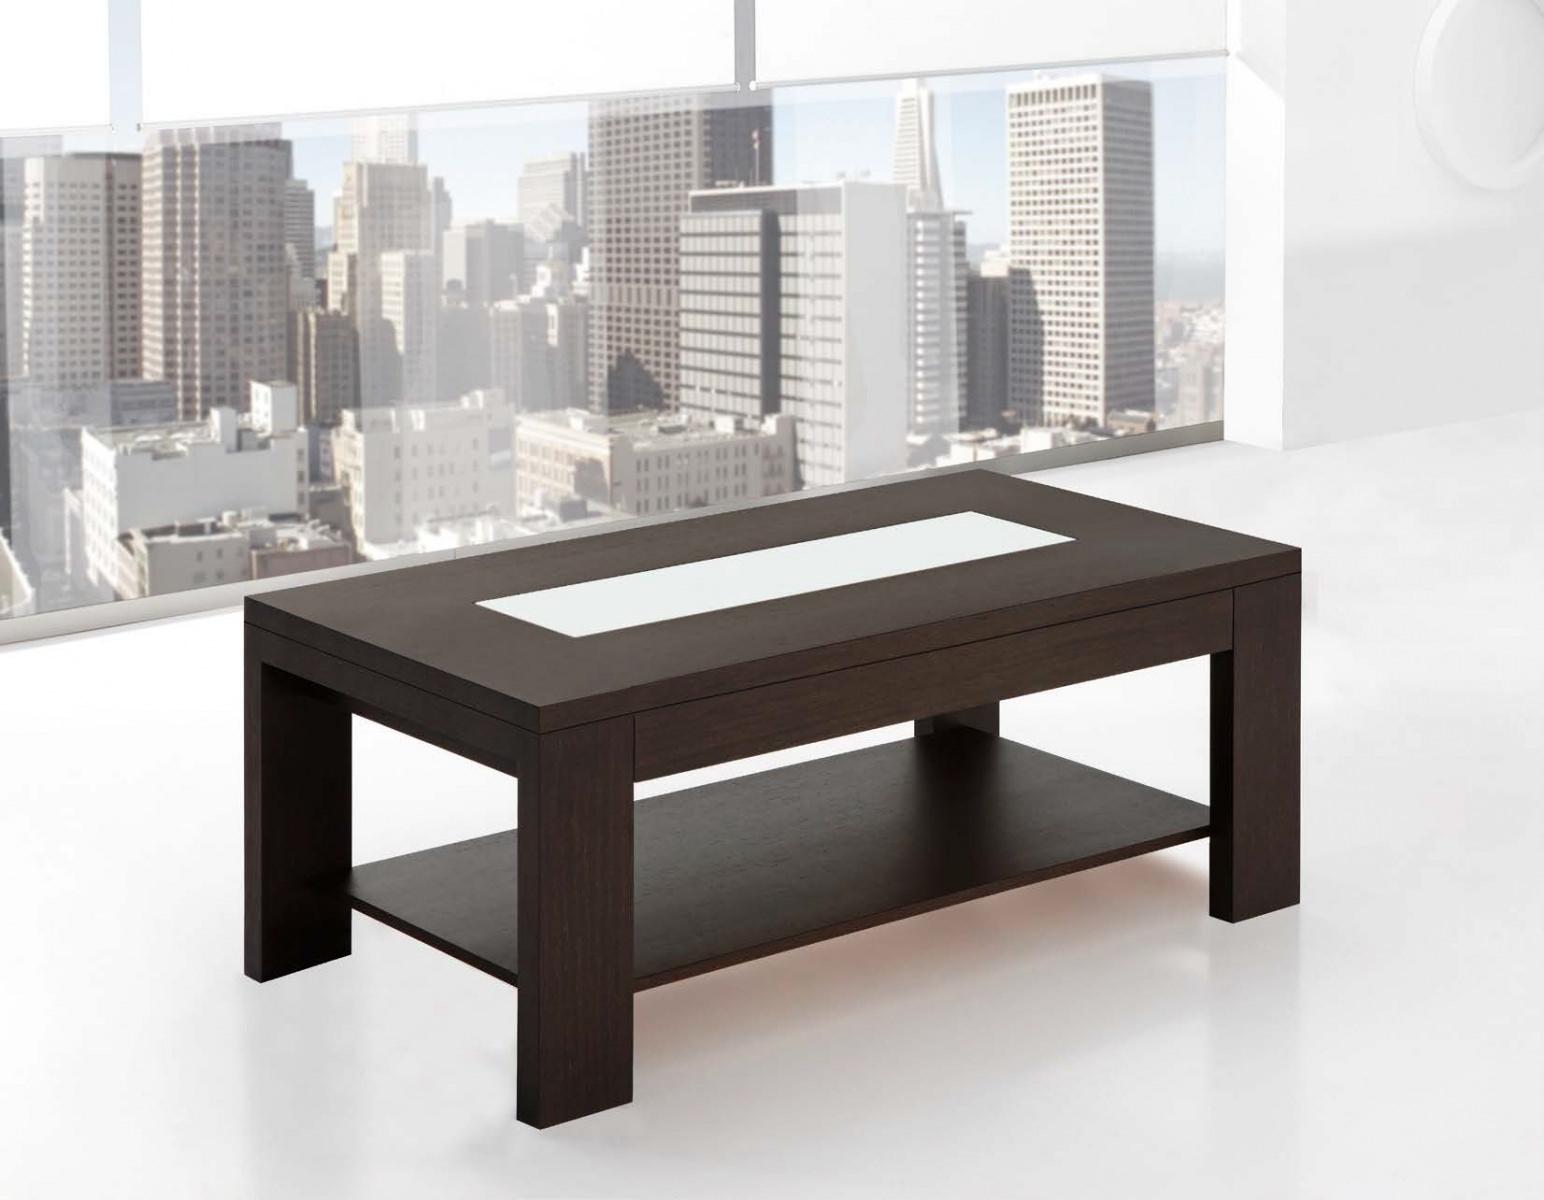 Журнальный стол прямоугольный 550 Disemobel